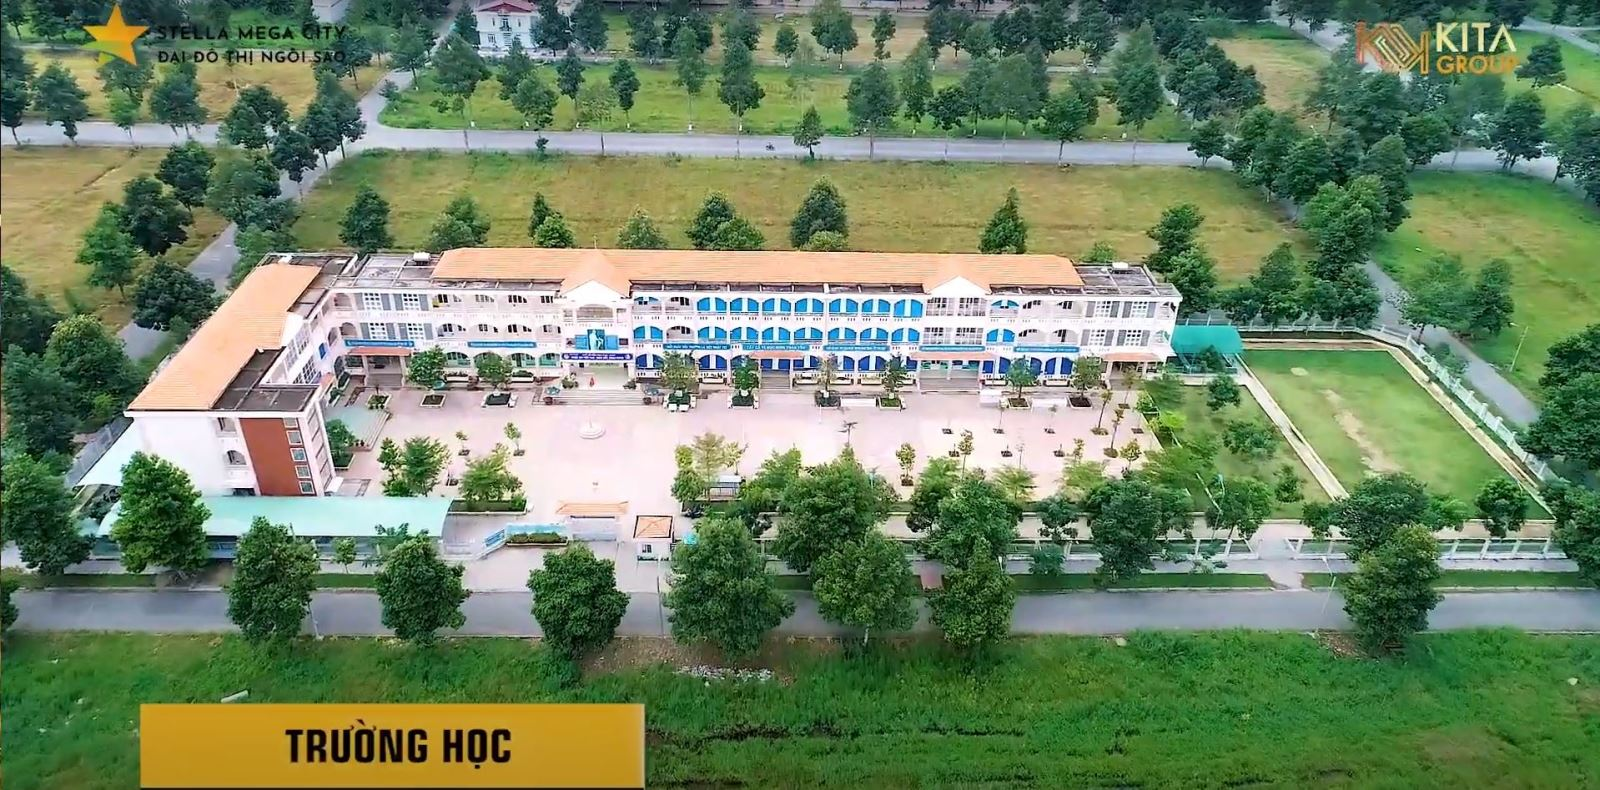 Trường tiểu học Bình Thủy Stella Mega City